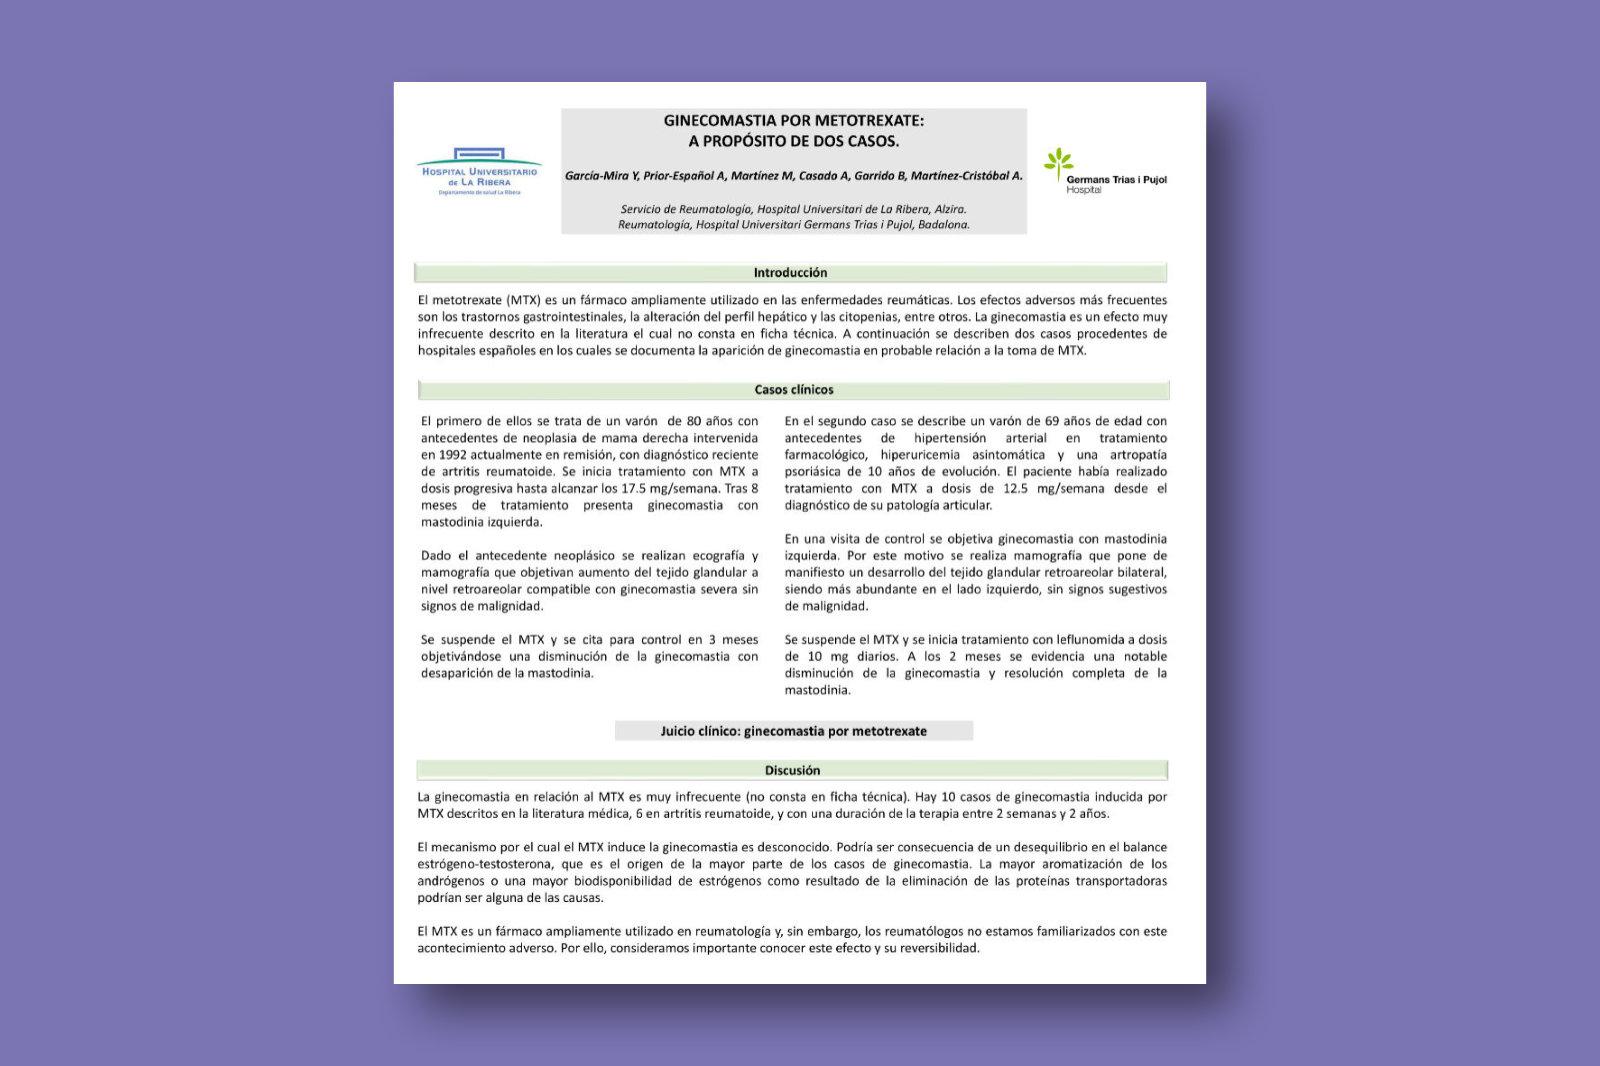 Ginecomastia por metotrexate: a propósito de dos casos